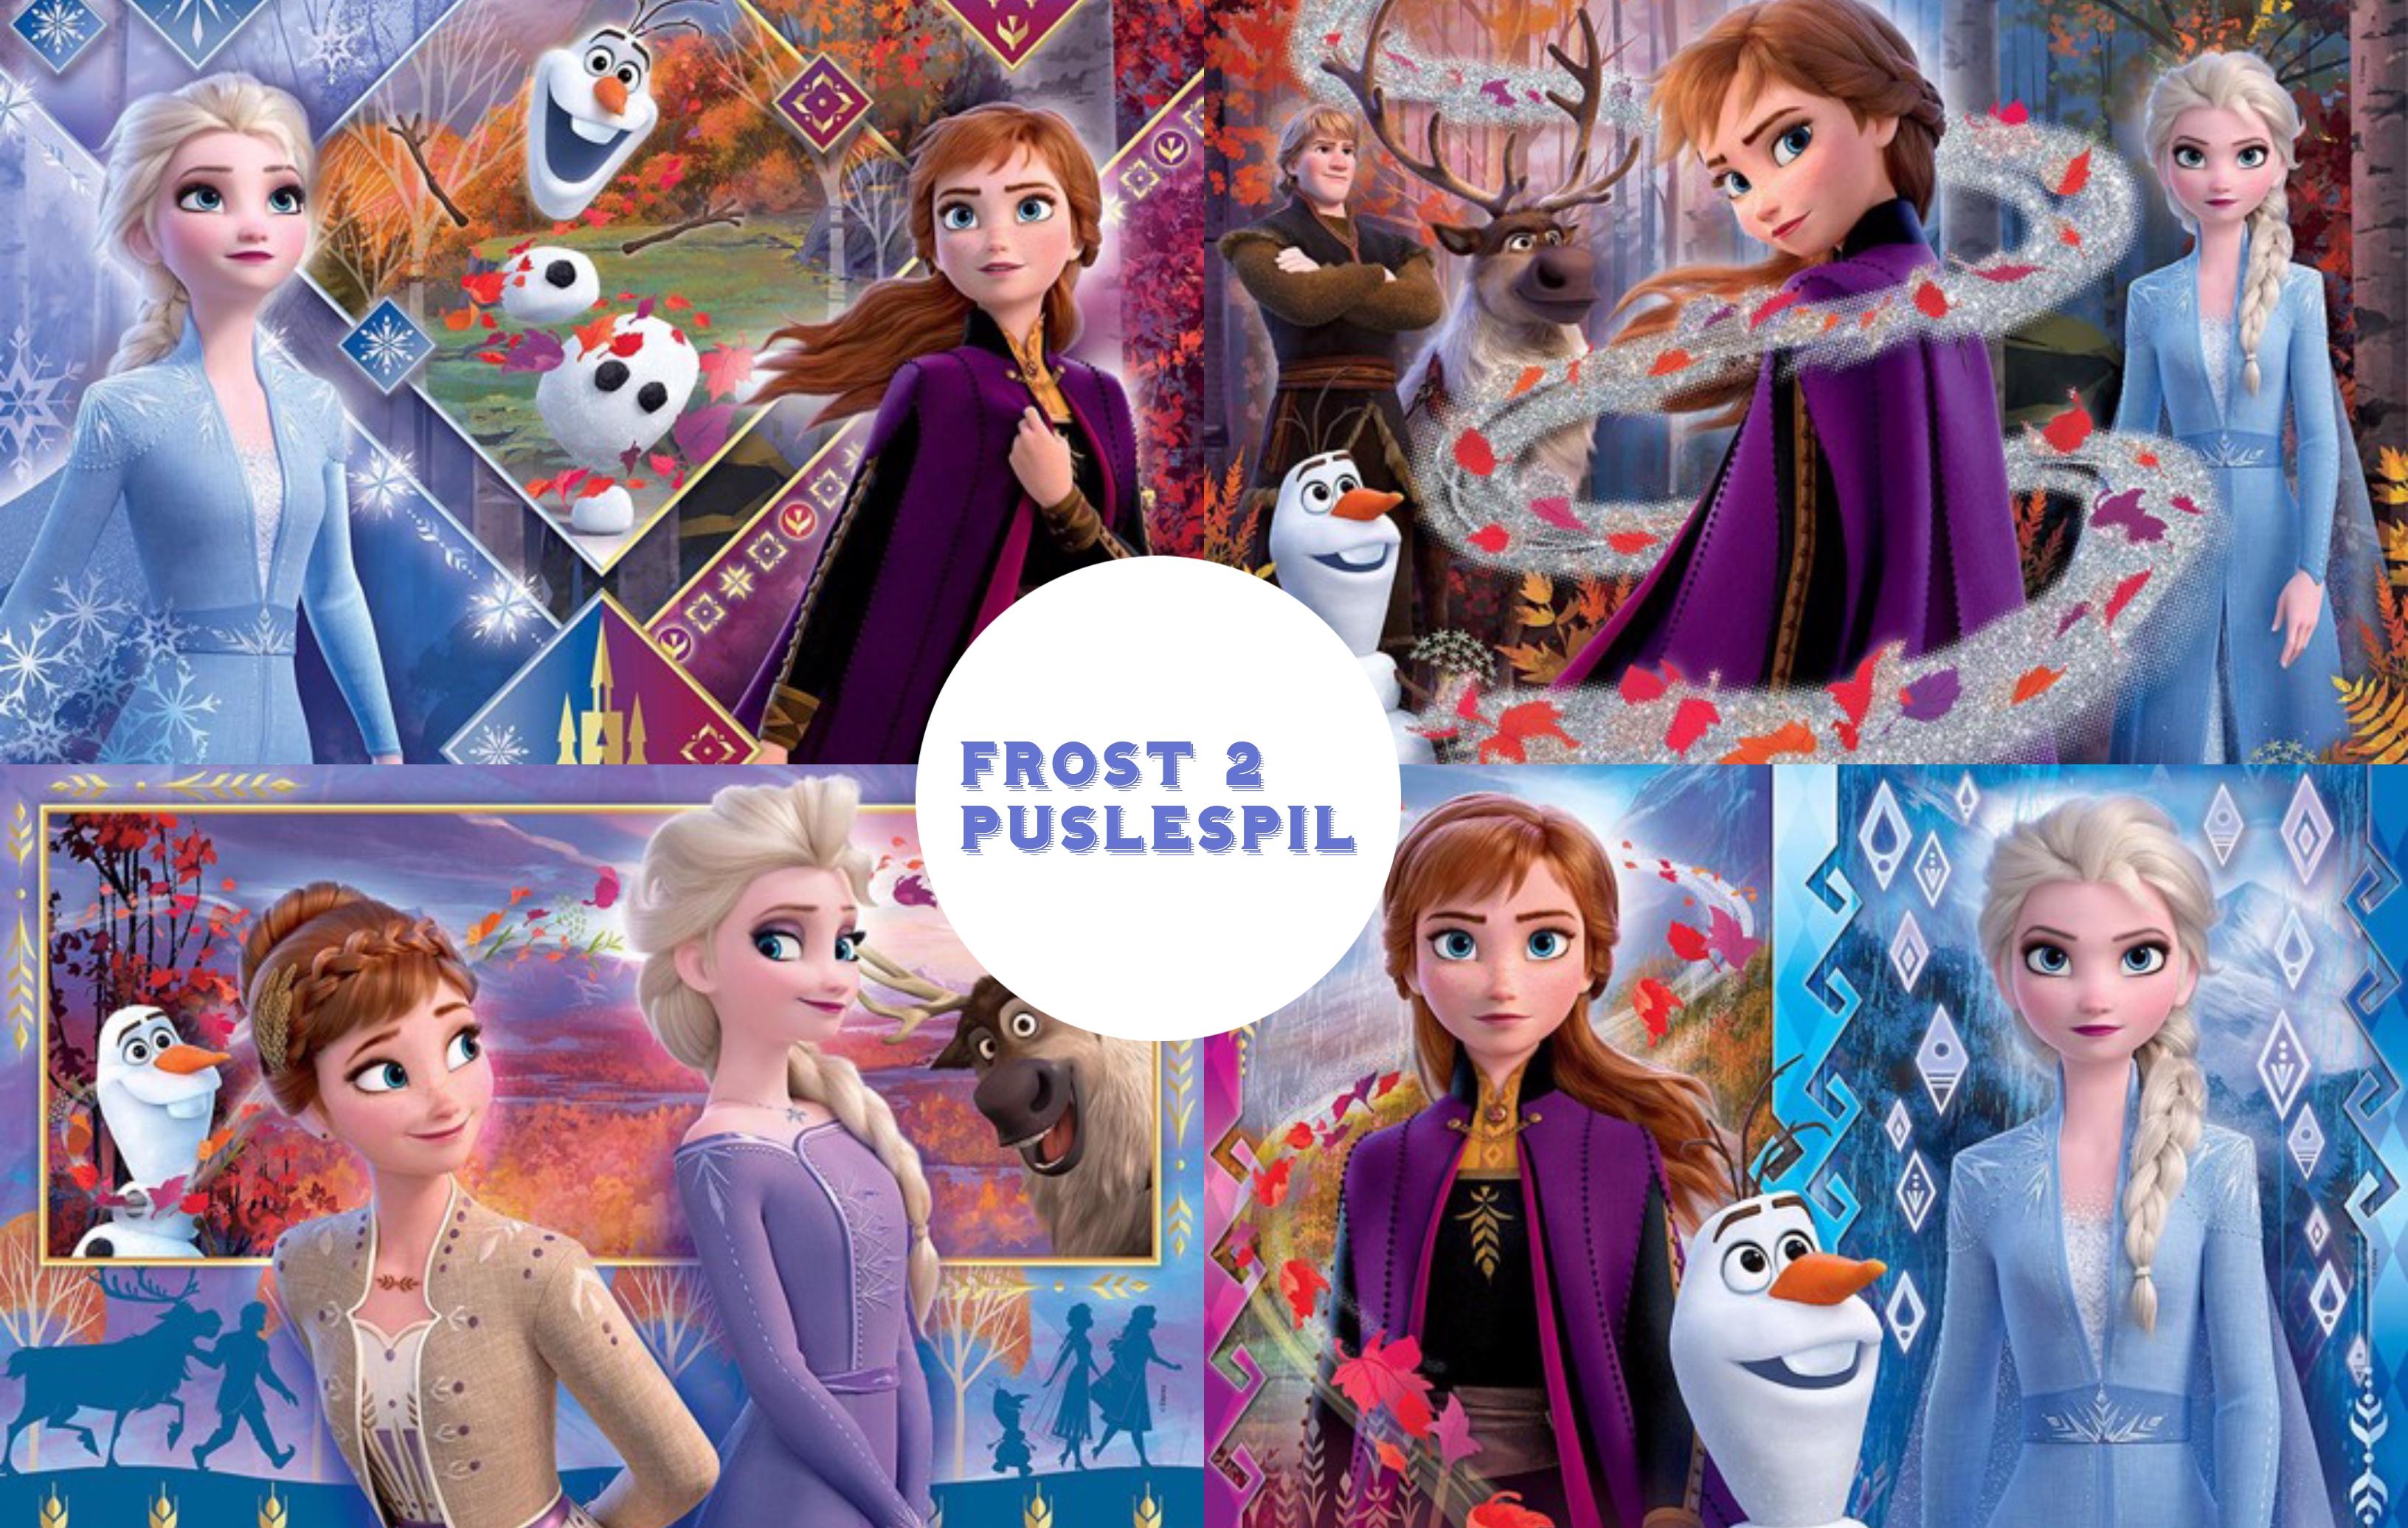 Frost 2 puslespil – for børn og barnelige sjæle